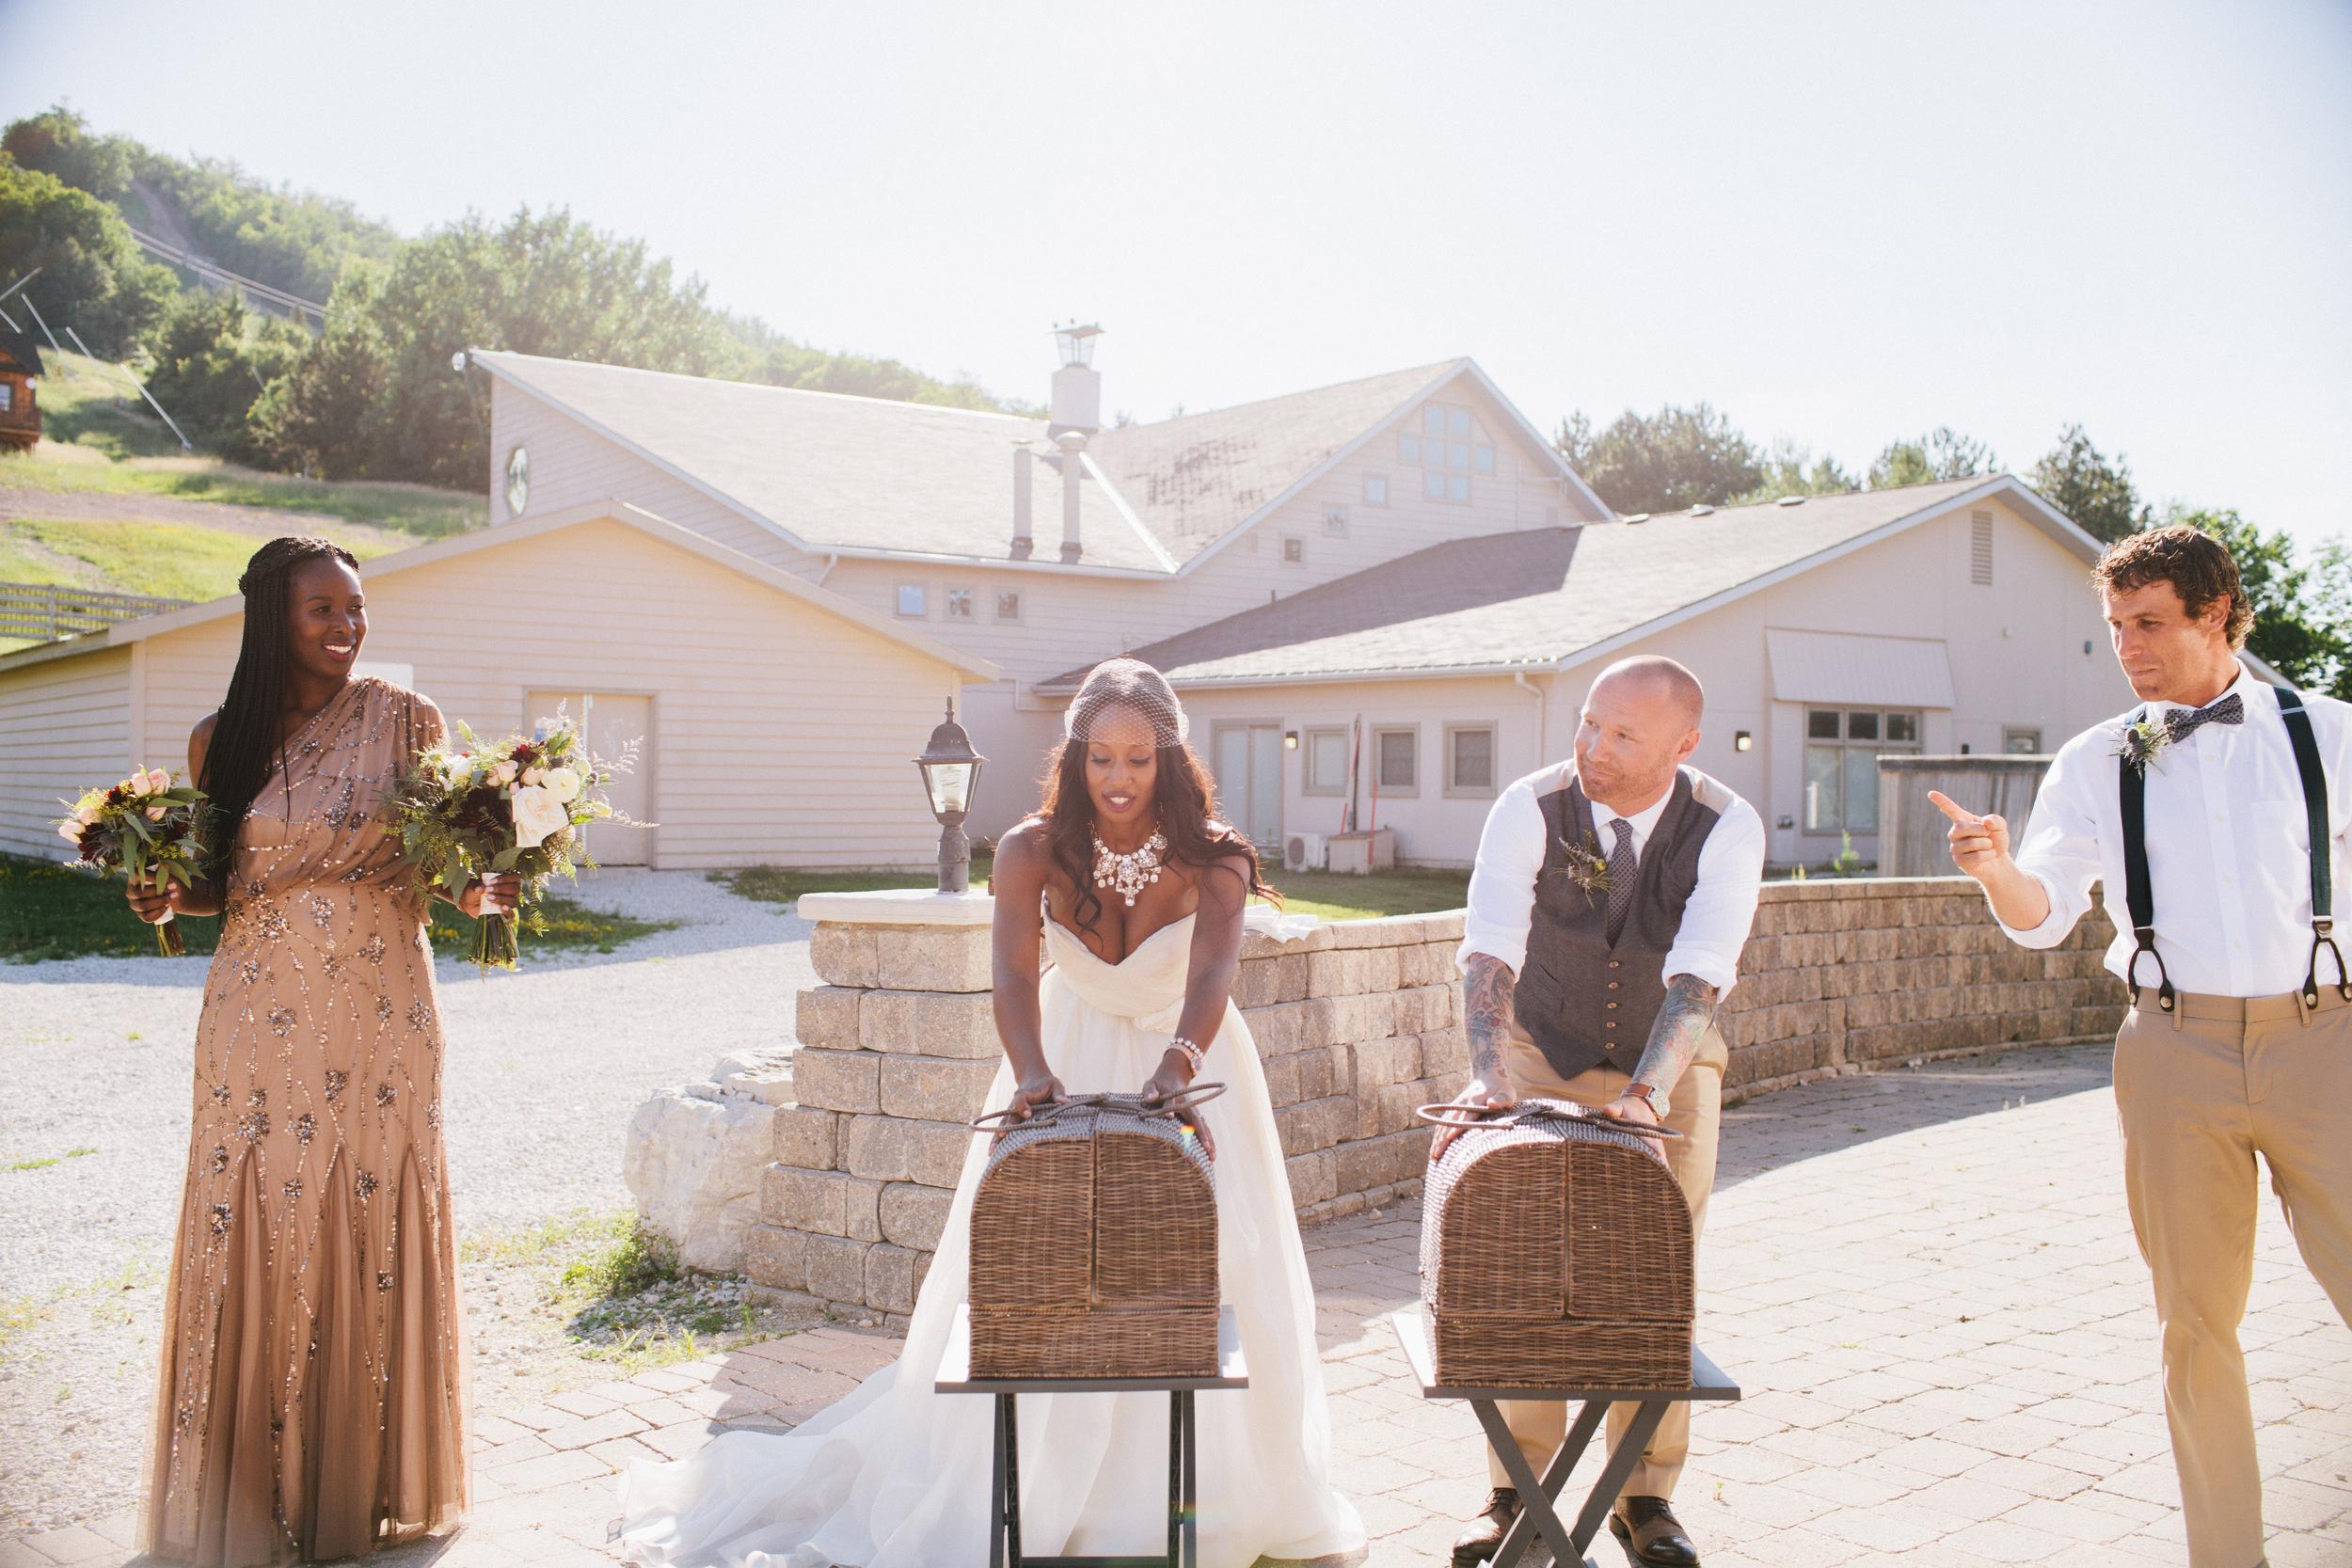 michael-rousseau-photography-shannae-ingleton-wedding-sean-craigleith-ski-club-wedding053.jpg